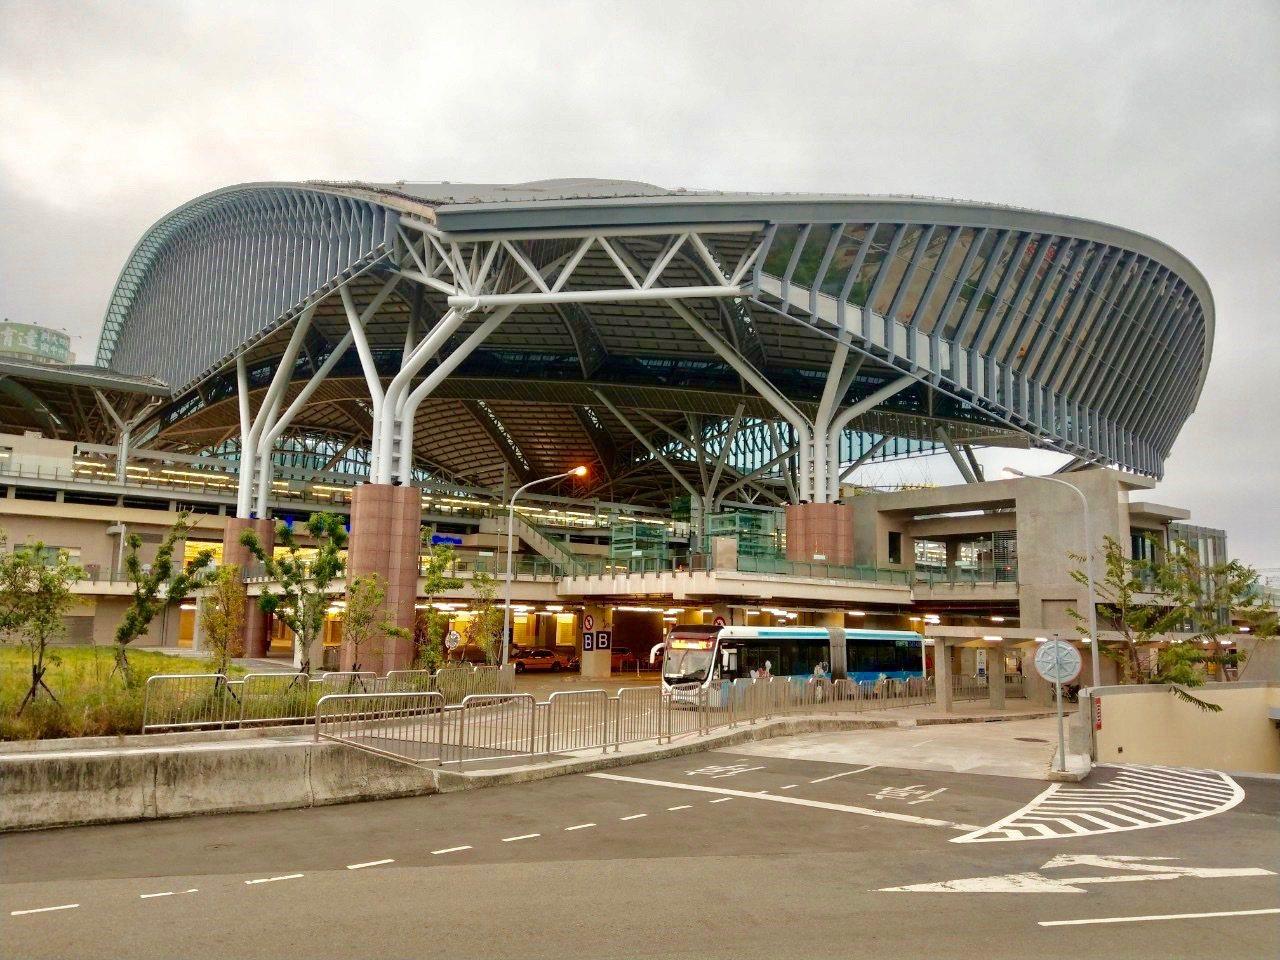 台中轉運中心緊鄰台鐵台中車站、國光客運台中轉運站,周邊有80條公車、還有公路客運...